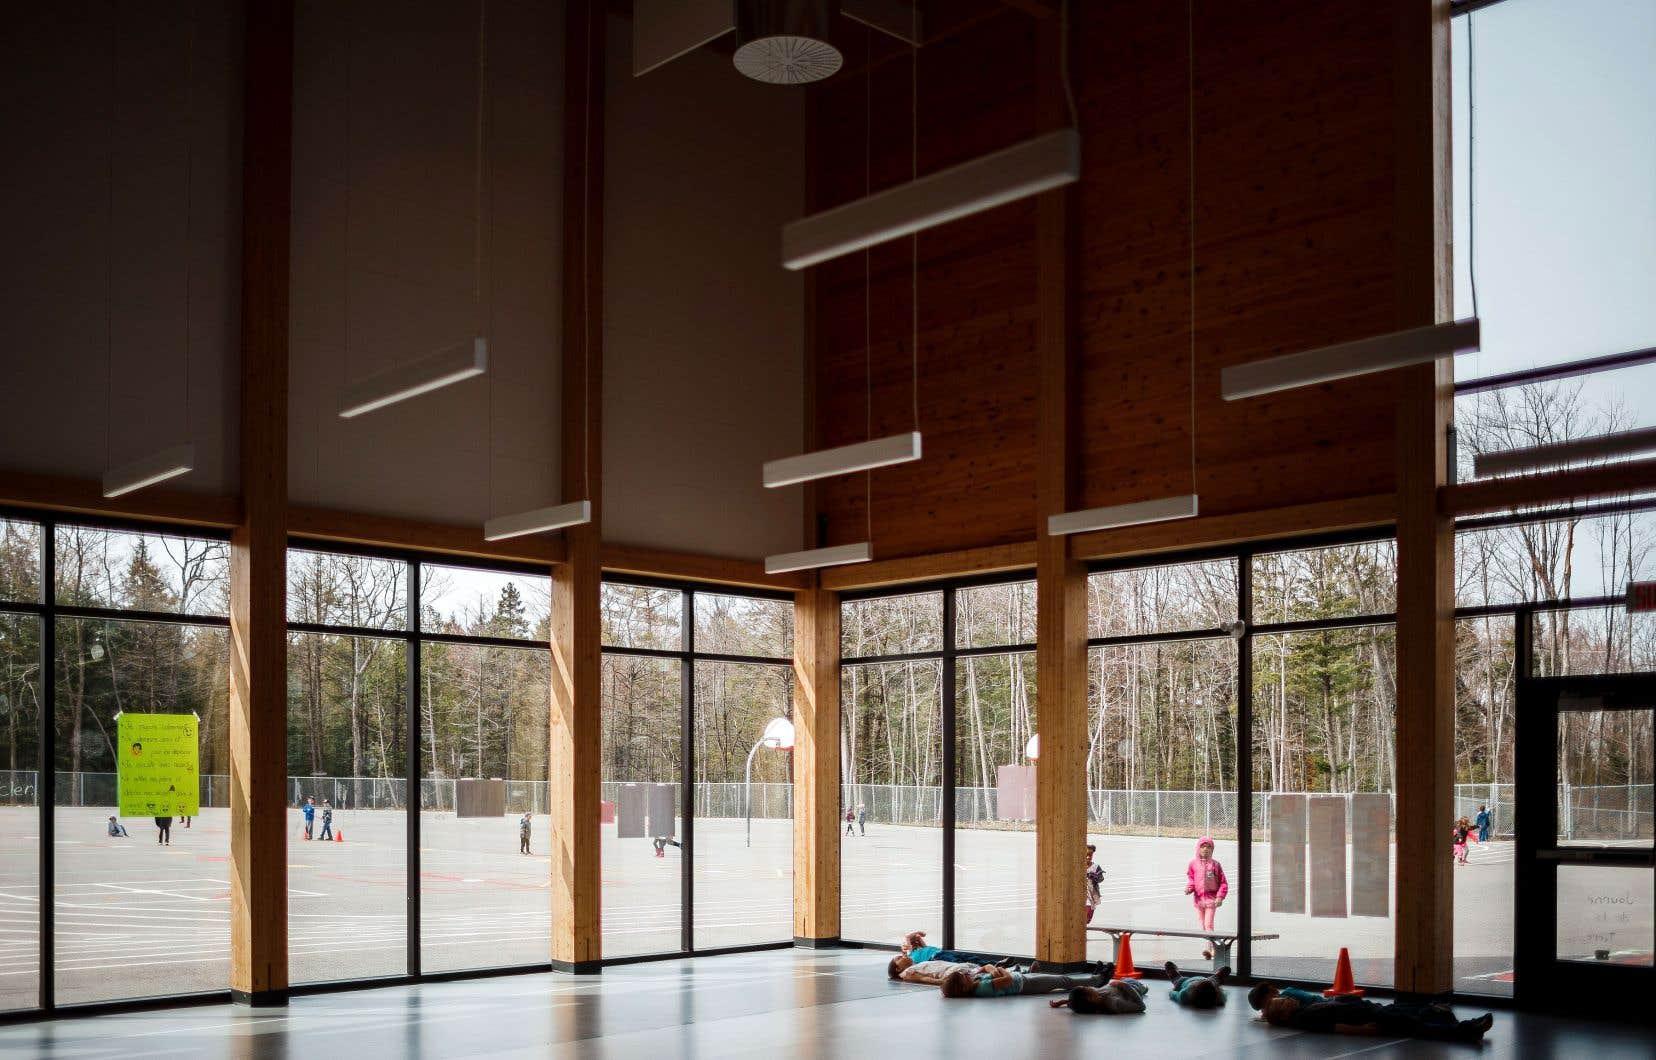 Le bois connaît déjà une certaine popularité dans les nouvelles écoles. Dans sa vision de l'école du XXIesiècle, Québec entend aussi privilégier les espaces de collaboration et la lumière naturelle.